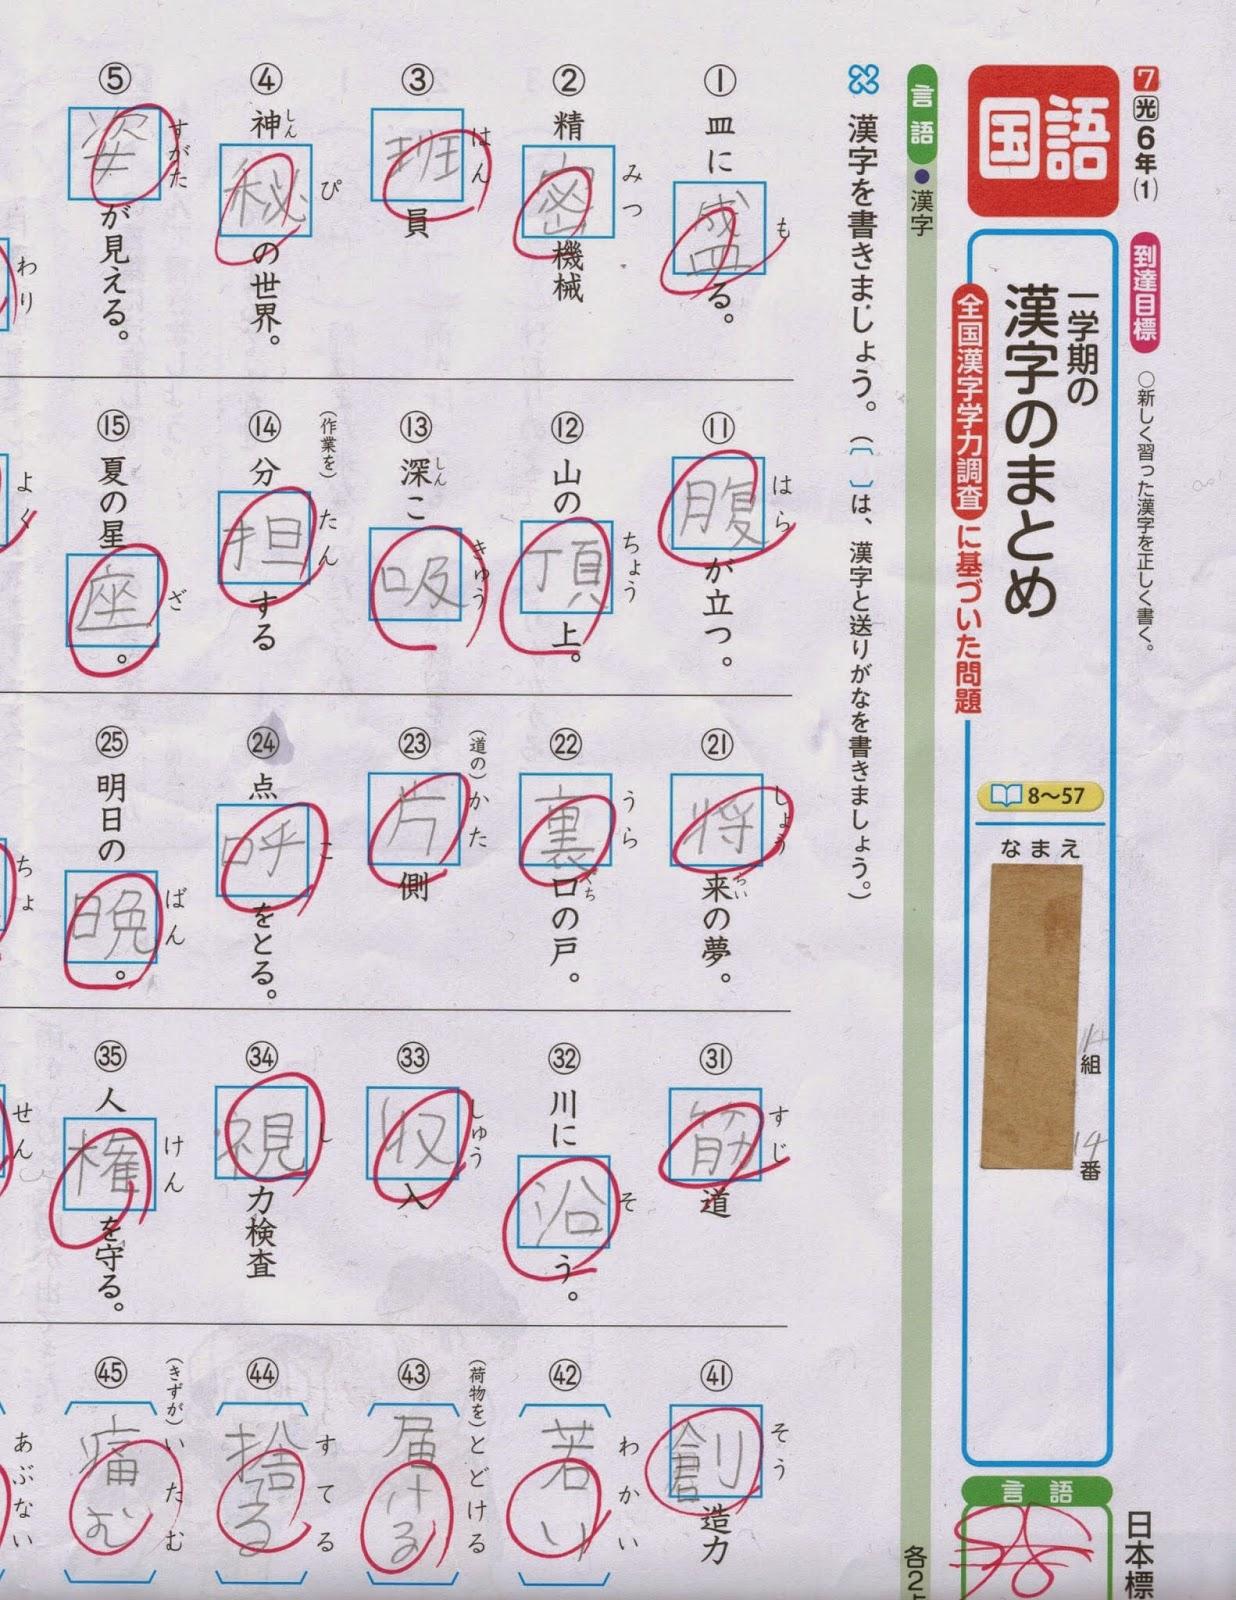 ... 漢字が覚えられる、道村式漢字